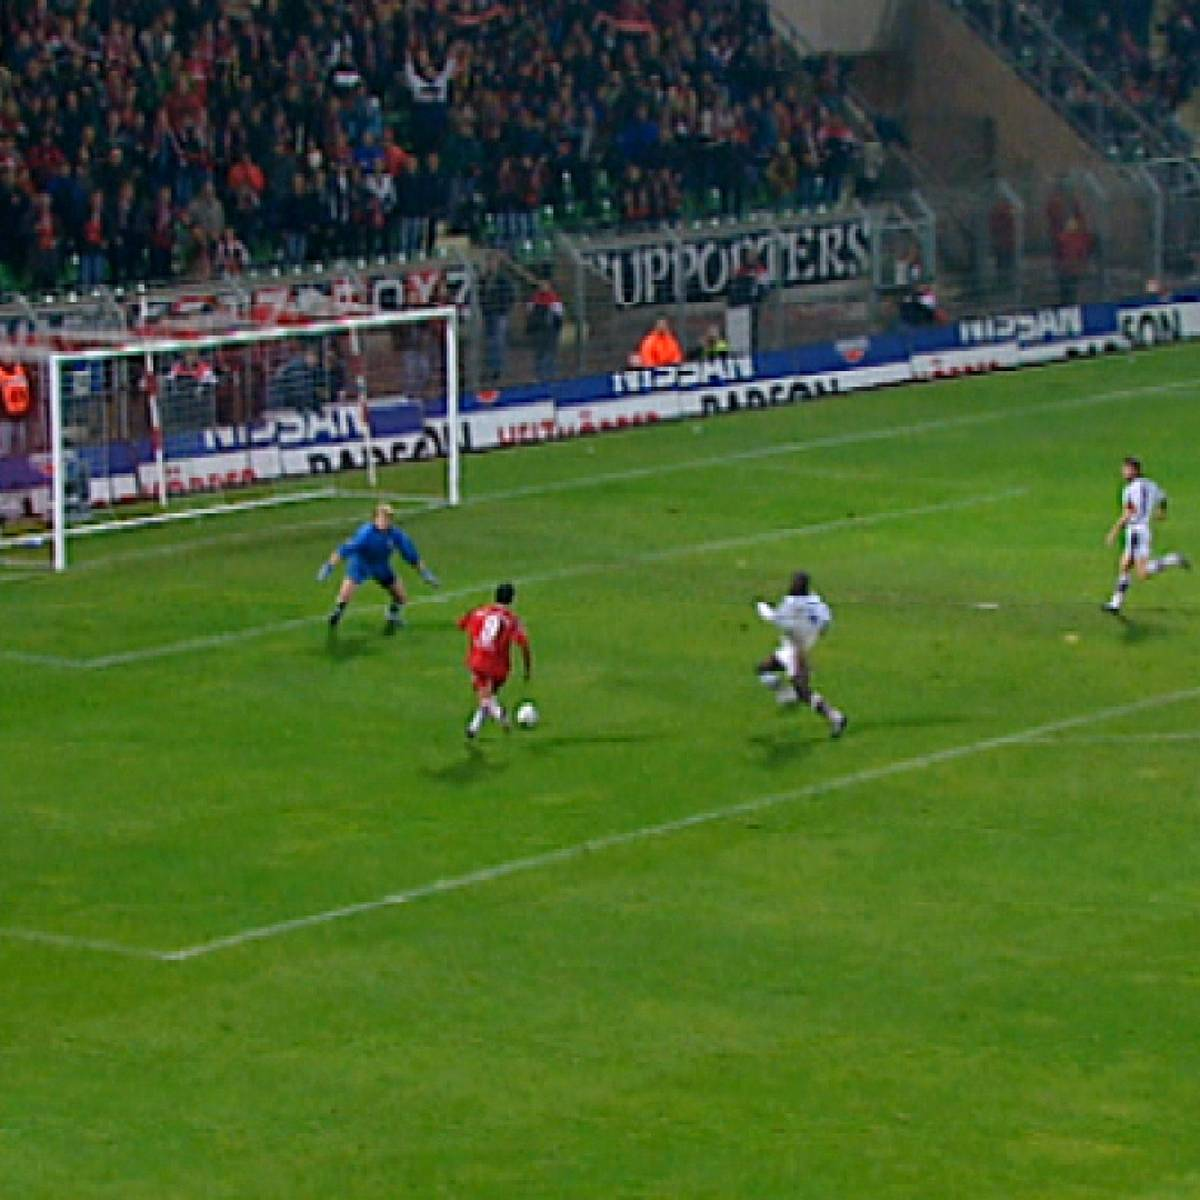 Aus 0:2 mach 4:2: Als Ulf Kirsten mit einem Hattrick die Bayern abschoss